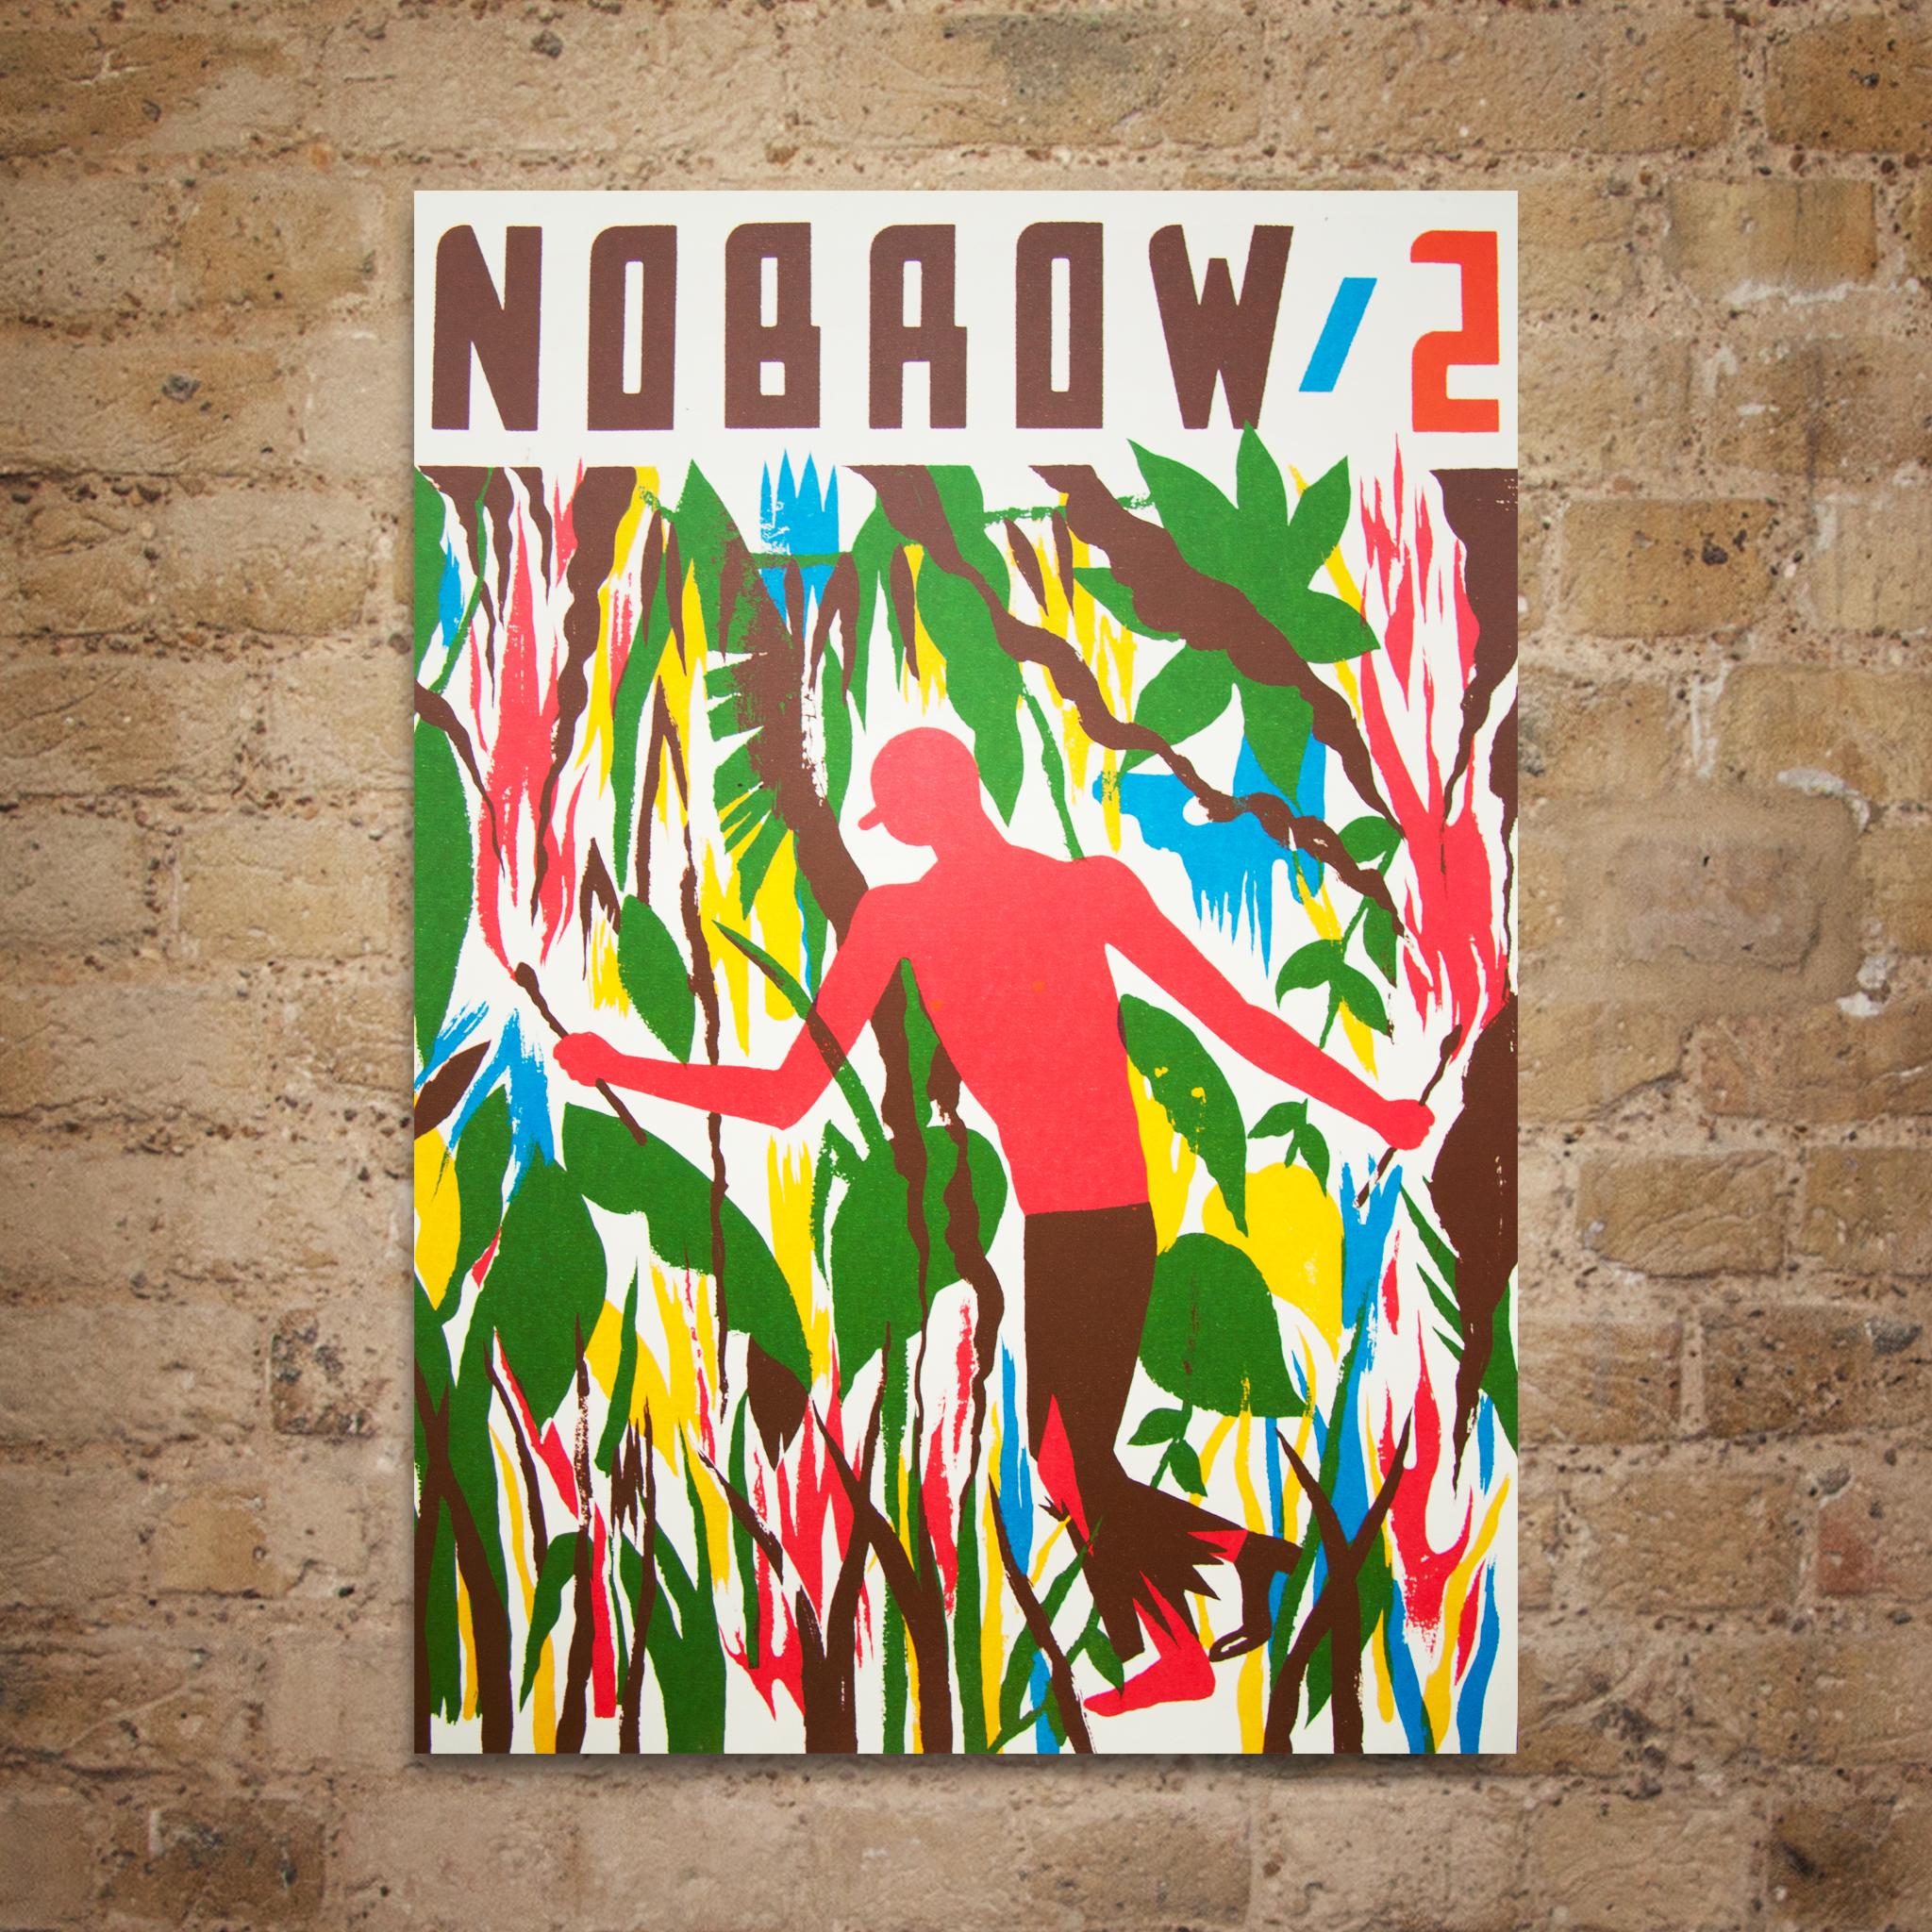 Nobrow 2: The Jungle Screenprint